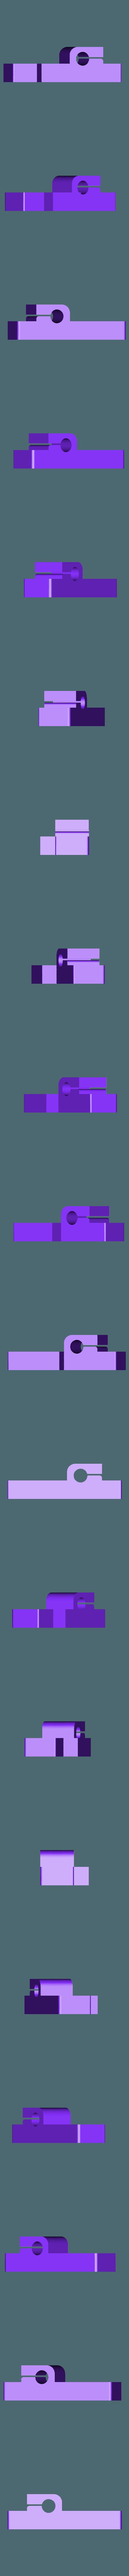 Sujeccion_Varillas_eje_Y_Anet_AM8_6mm_mas_altas_y_cabeza_embutida_montaje_final_de_carrera_Y.stl Télécharger fichier STL gratuit SOPORTE VARILLAS, TENSOR CORREA, ANCLAJE CORREA EJE Y, SOPORTE LCD ANET AM8 EN CAMA DE 300X300 • Design pour imprimante 3D, celtarra12